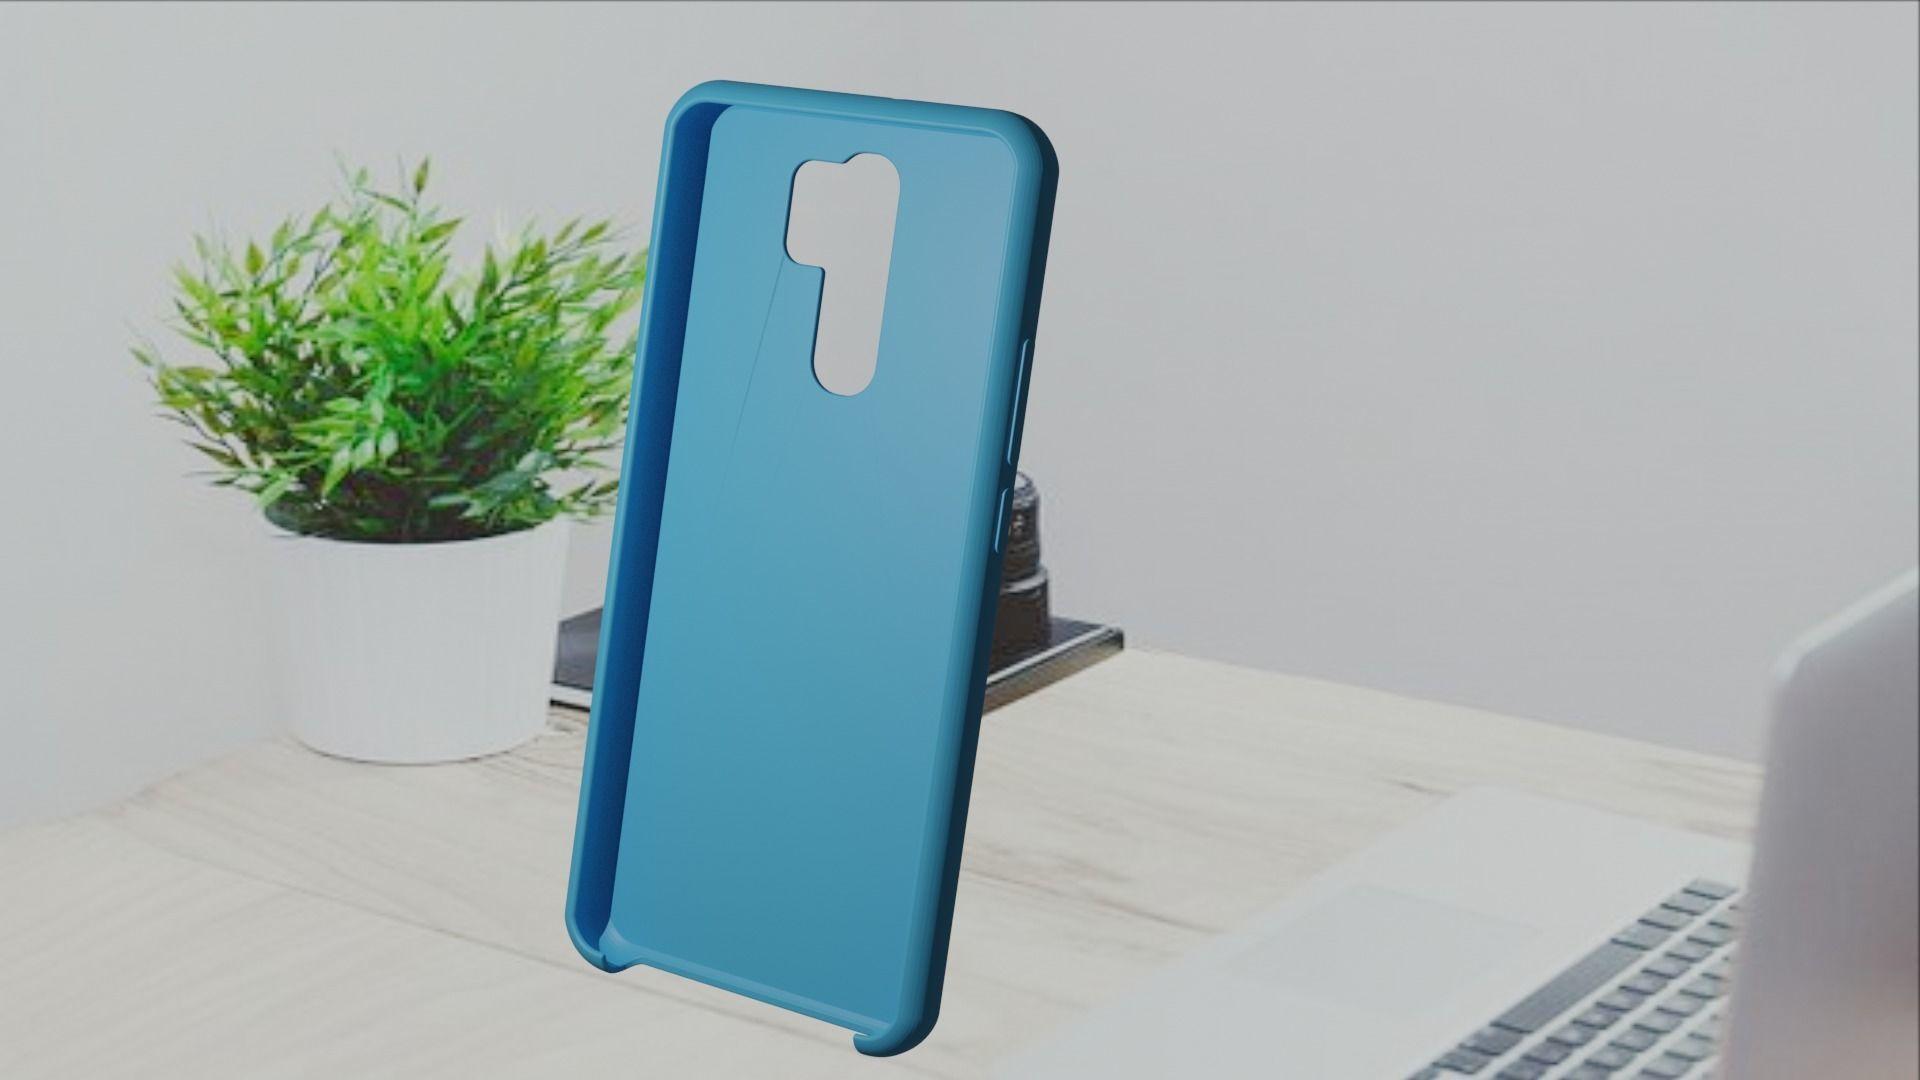 Xiaomi Redmi 9 TPU case